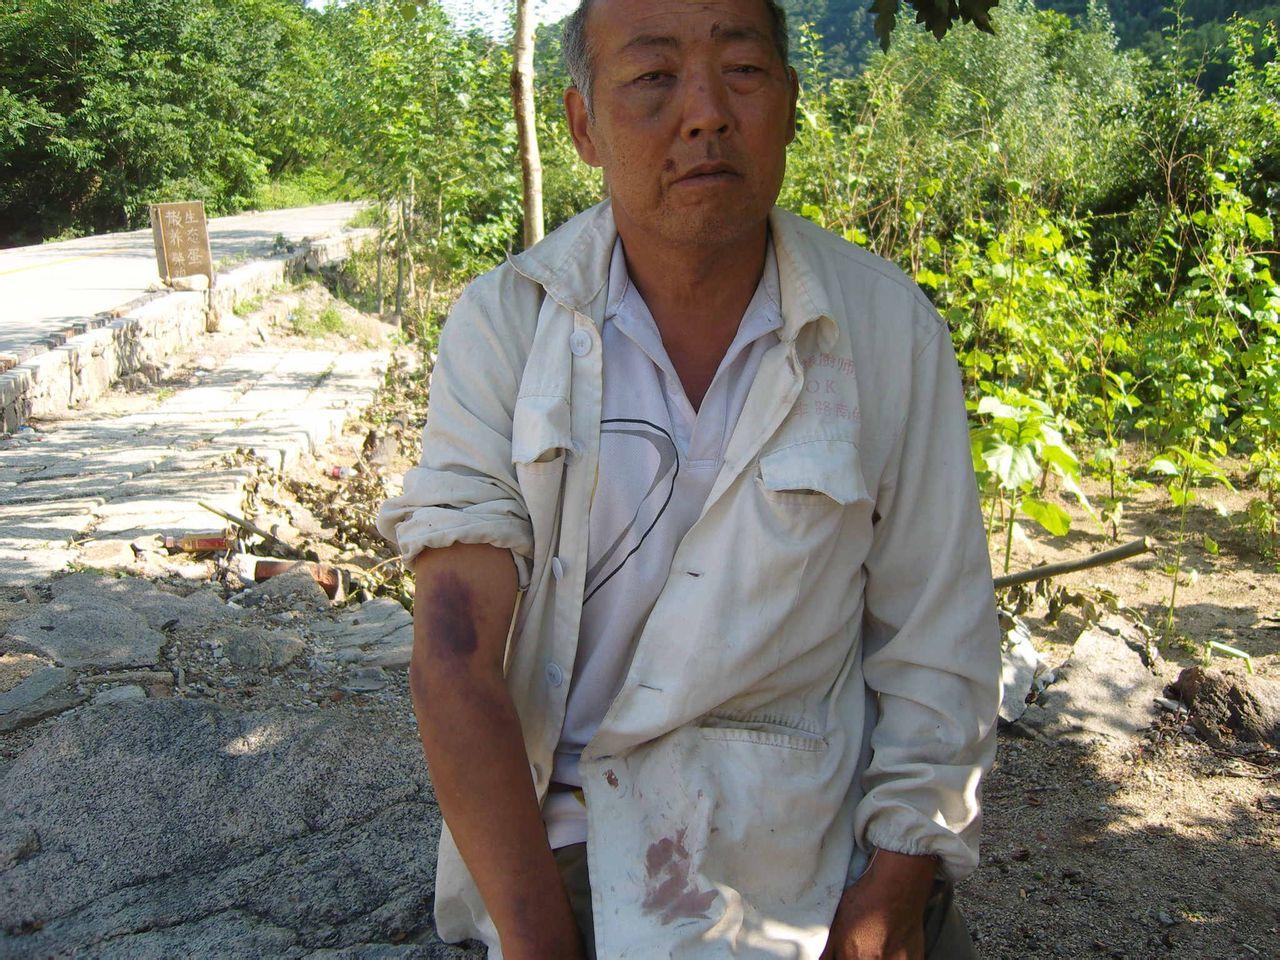 东北三个老头高清_老头纹身图片_老头纹身图片下载